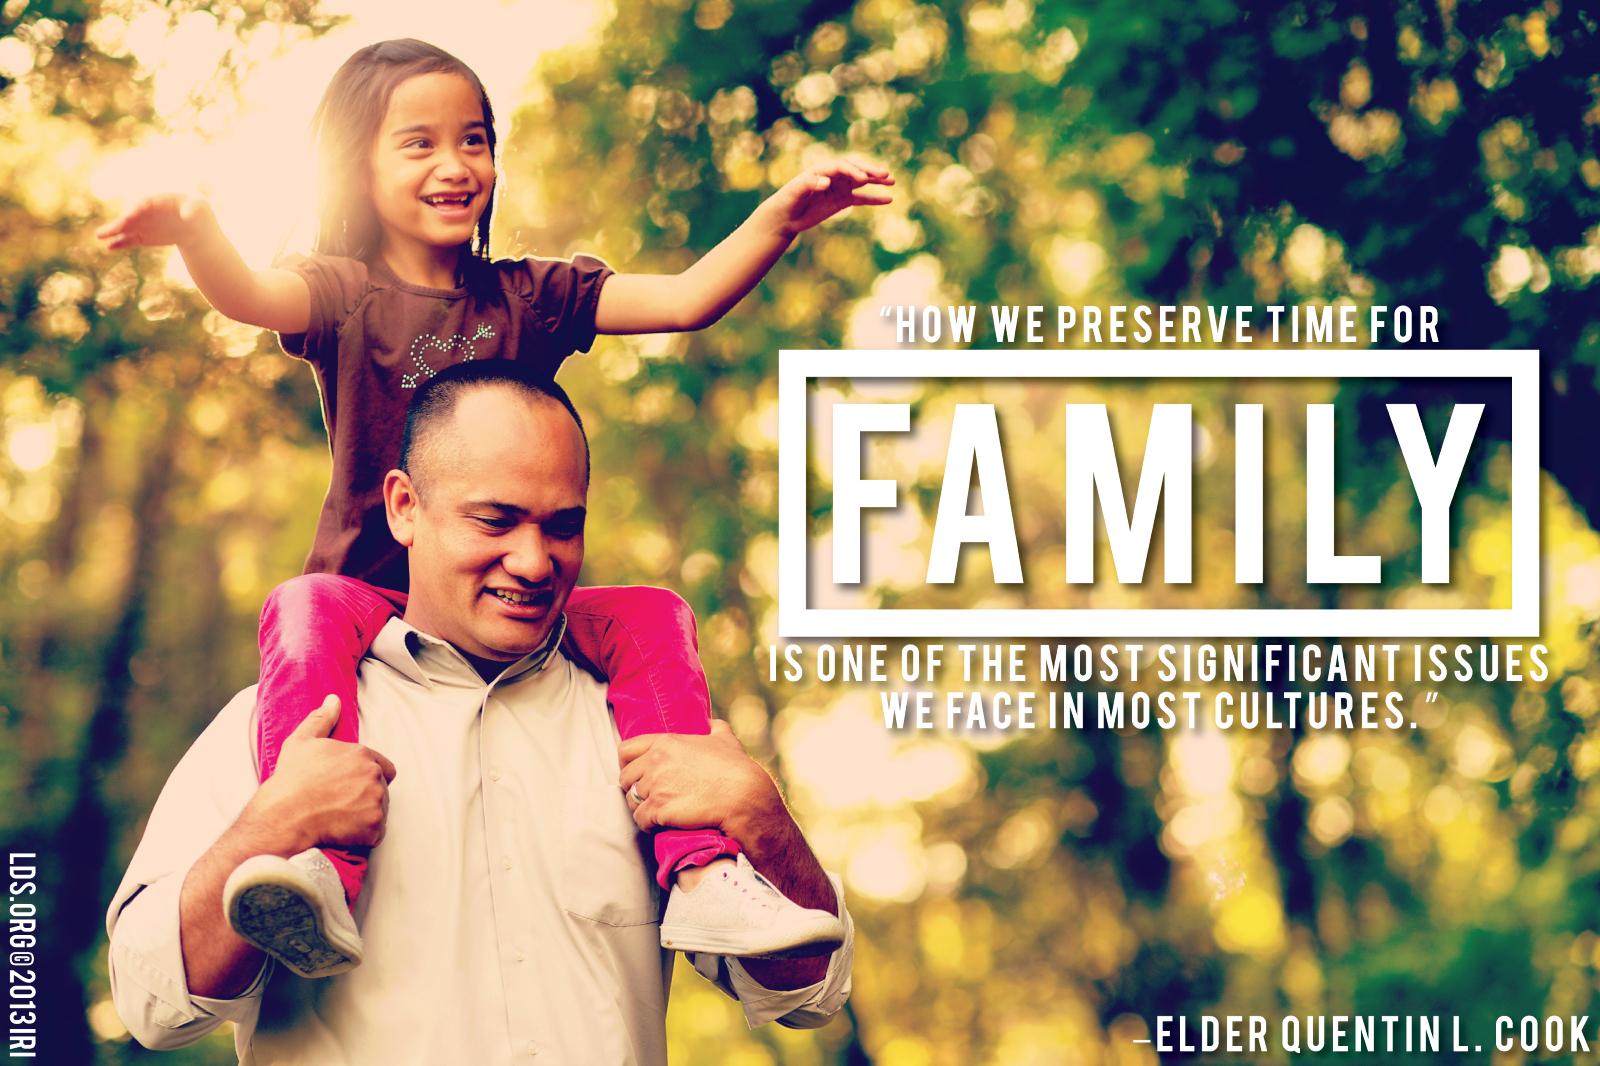 preserve family time